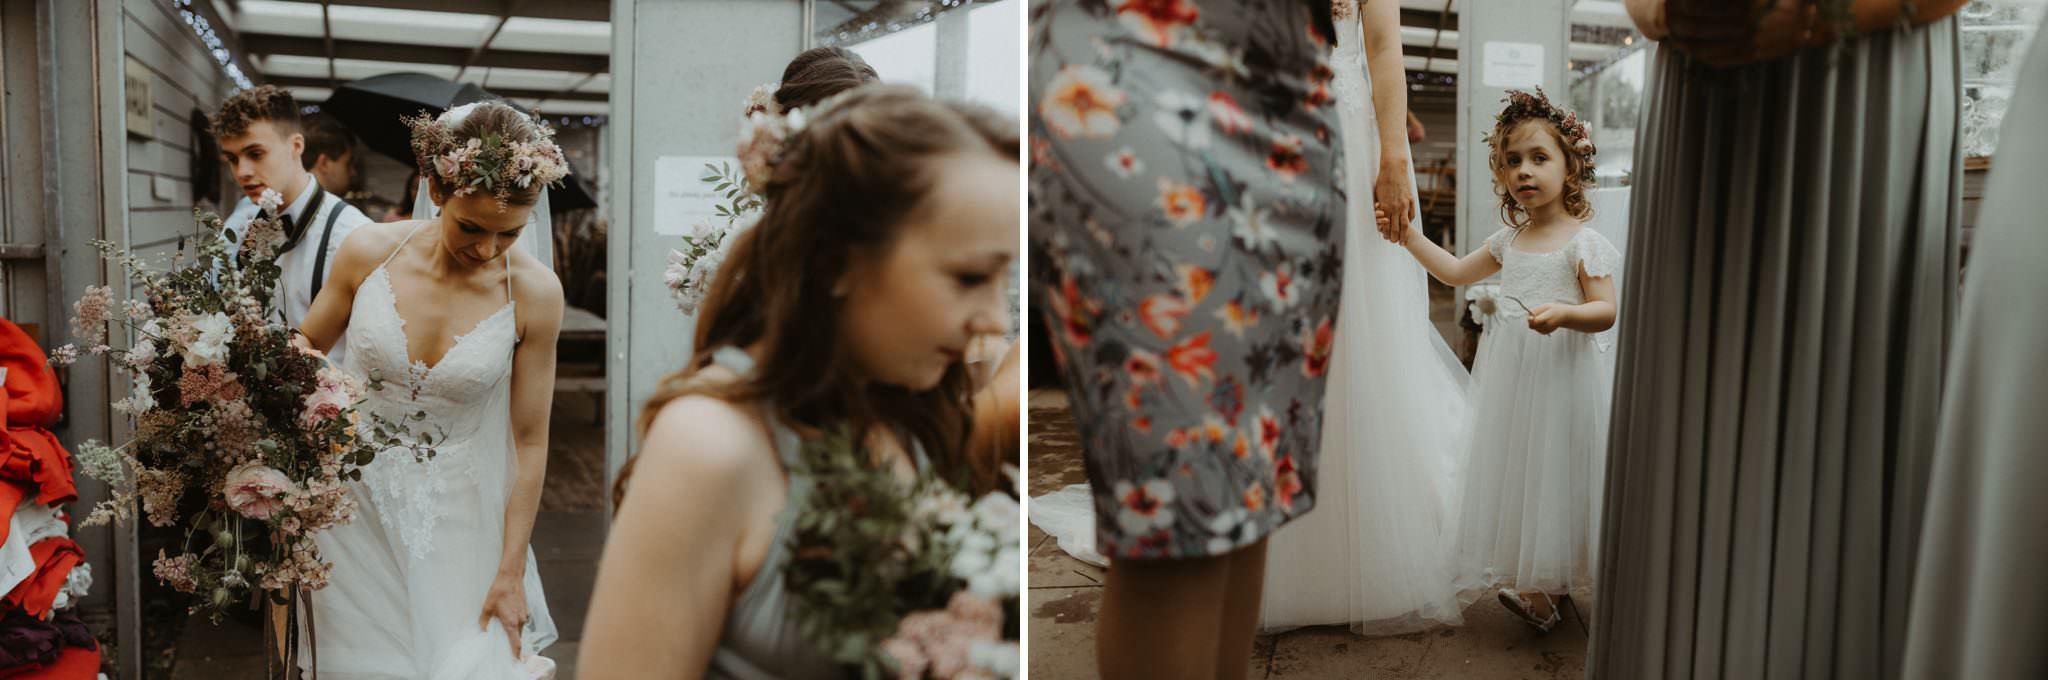 northumberland wedding photographer 050